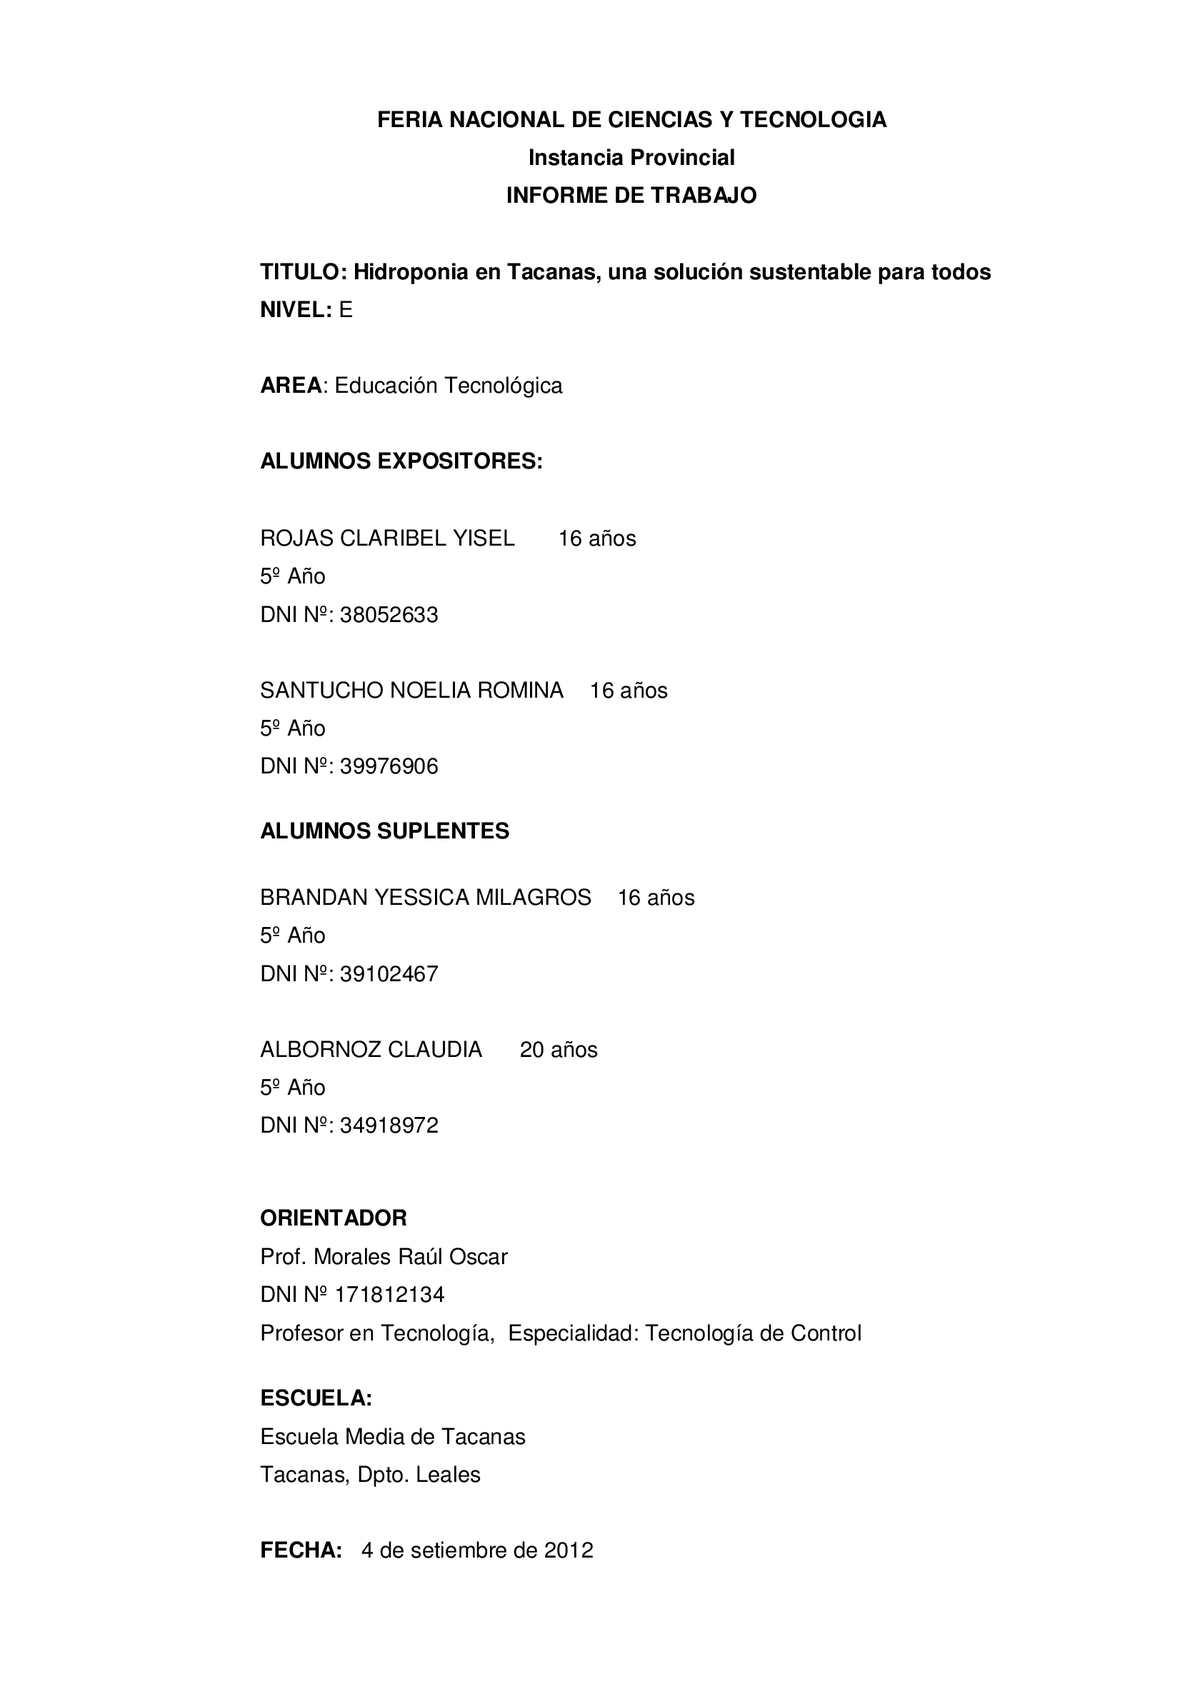 Calamo  2012  Feria de Ciencias  Hidroponia  Escuela